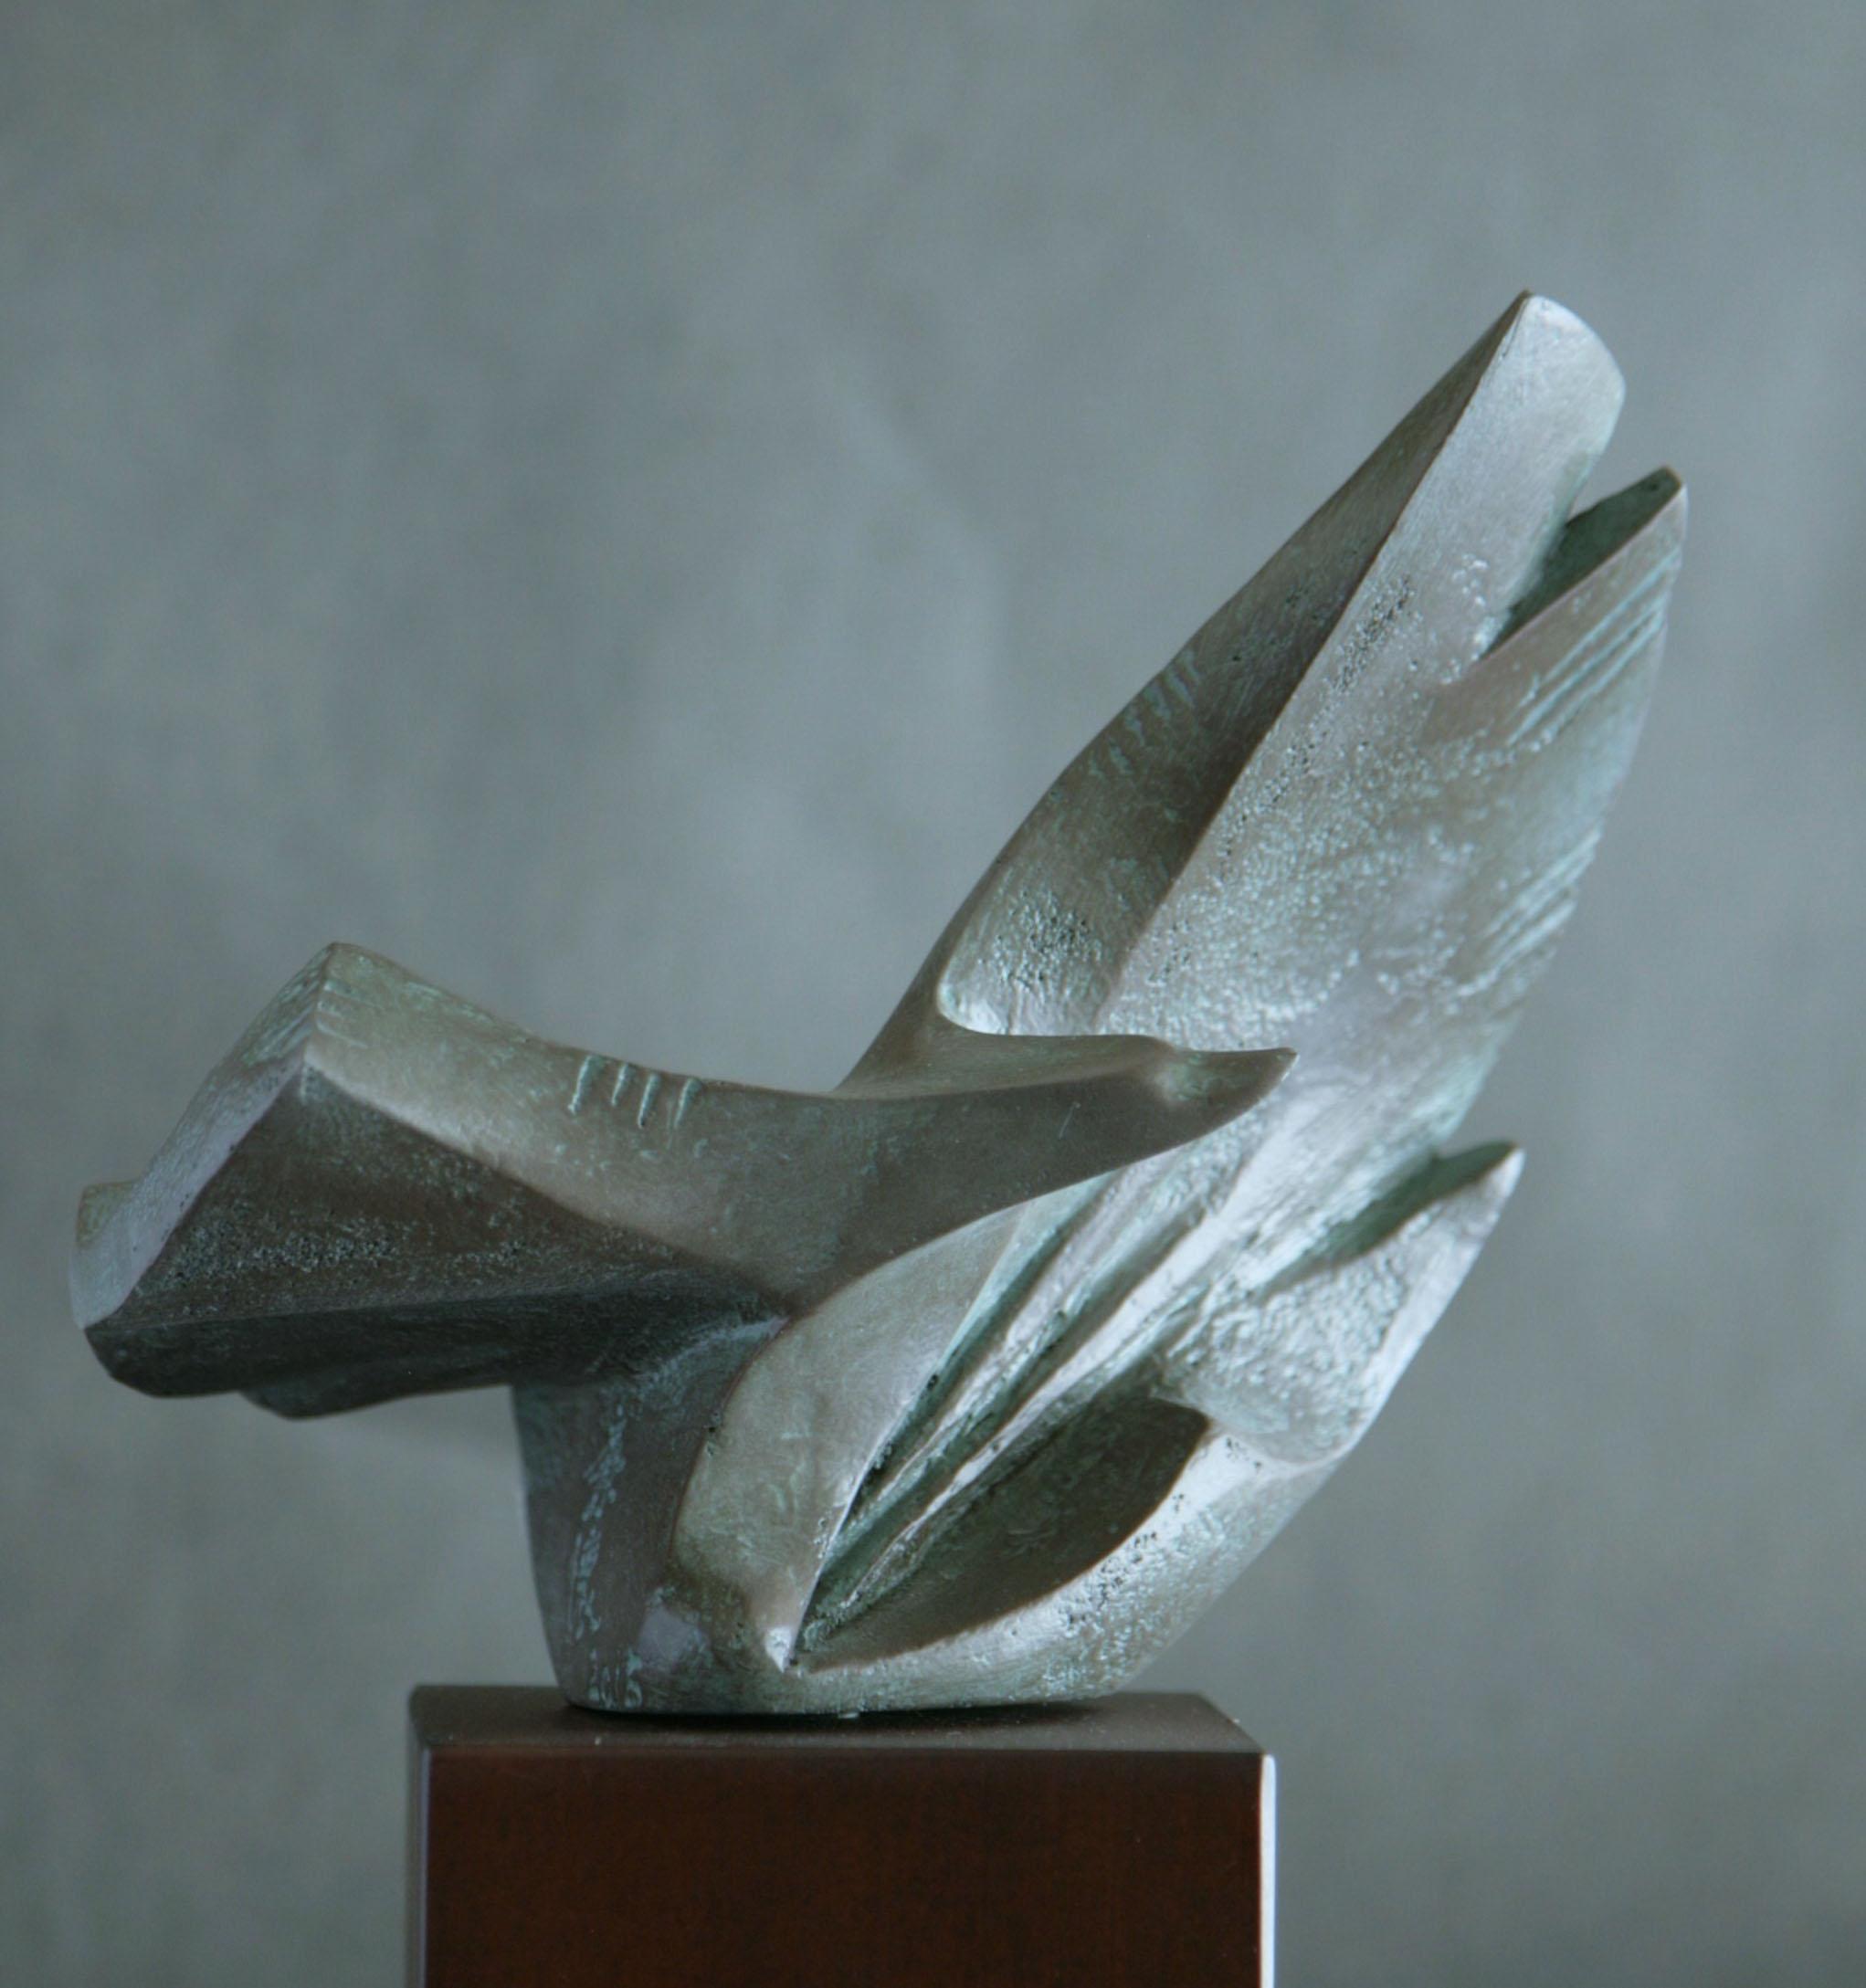 曲线动态景观雕塑小品